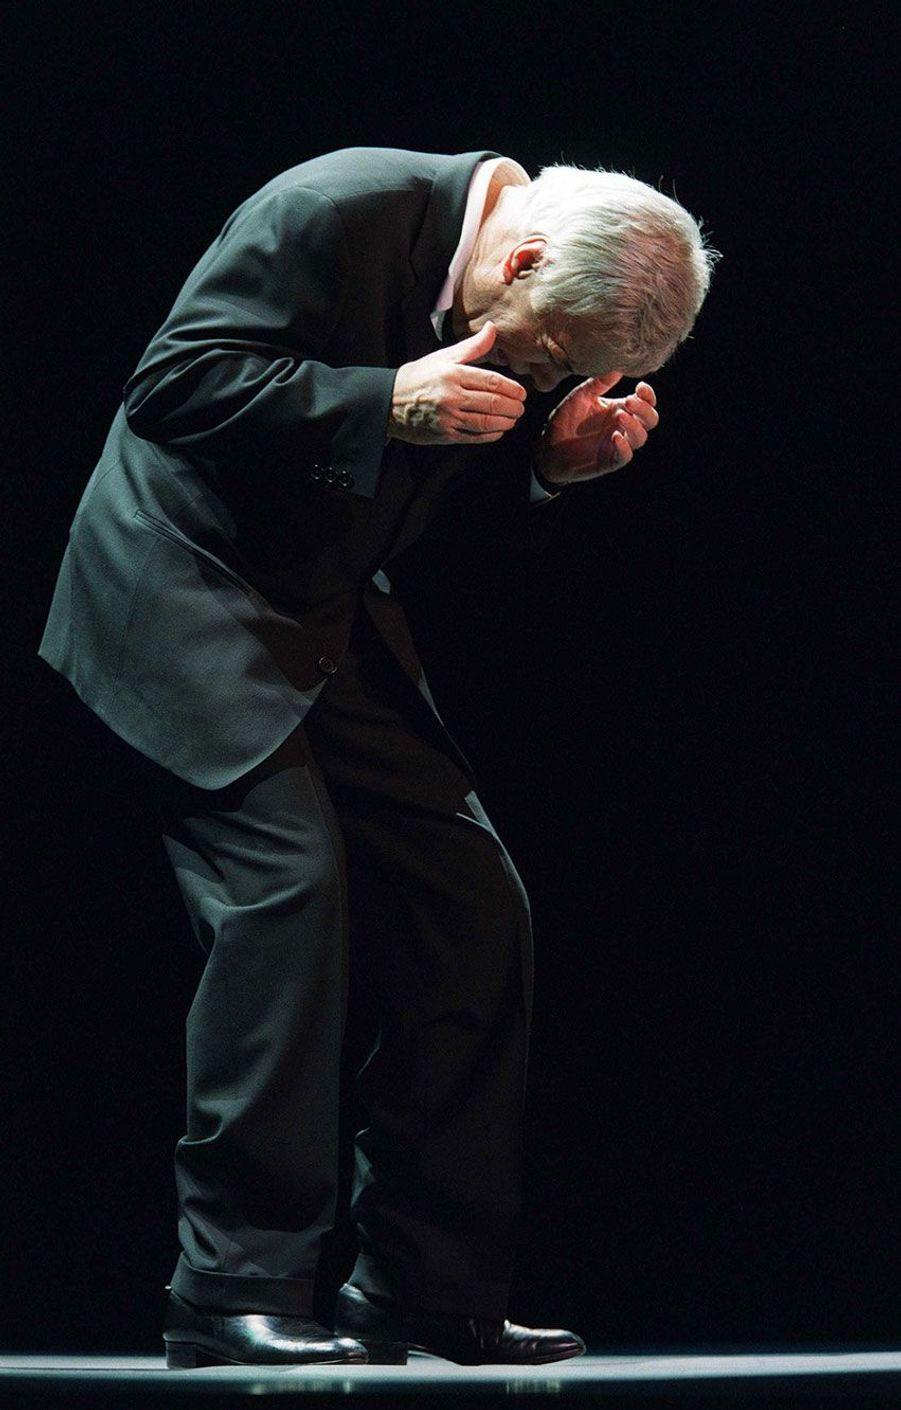 Guy Bedos sur scène à l'Olympia en janvier 2002.